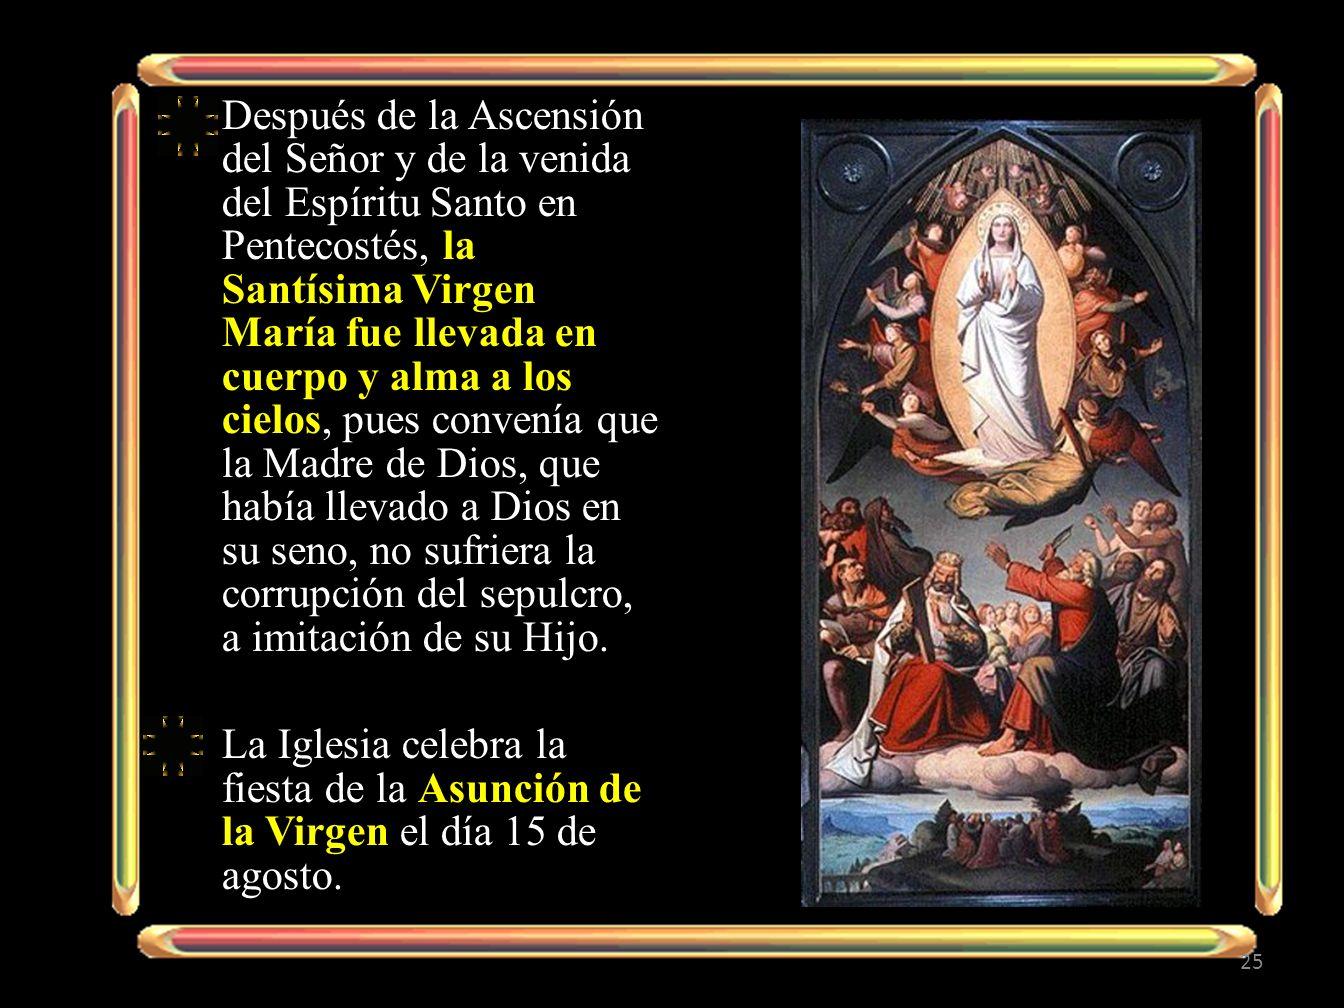 Después de la Ascensión del Señor y de la venida del Espíritu Santo en Pentecostés, la Santísima Virgen María fue llevada en cuerpo y alma a los cielo